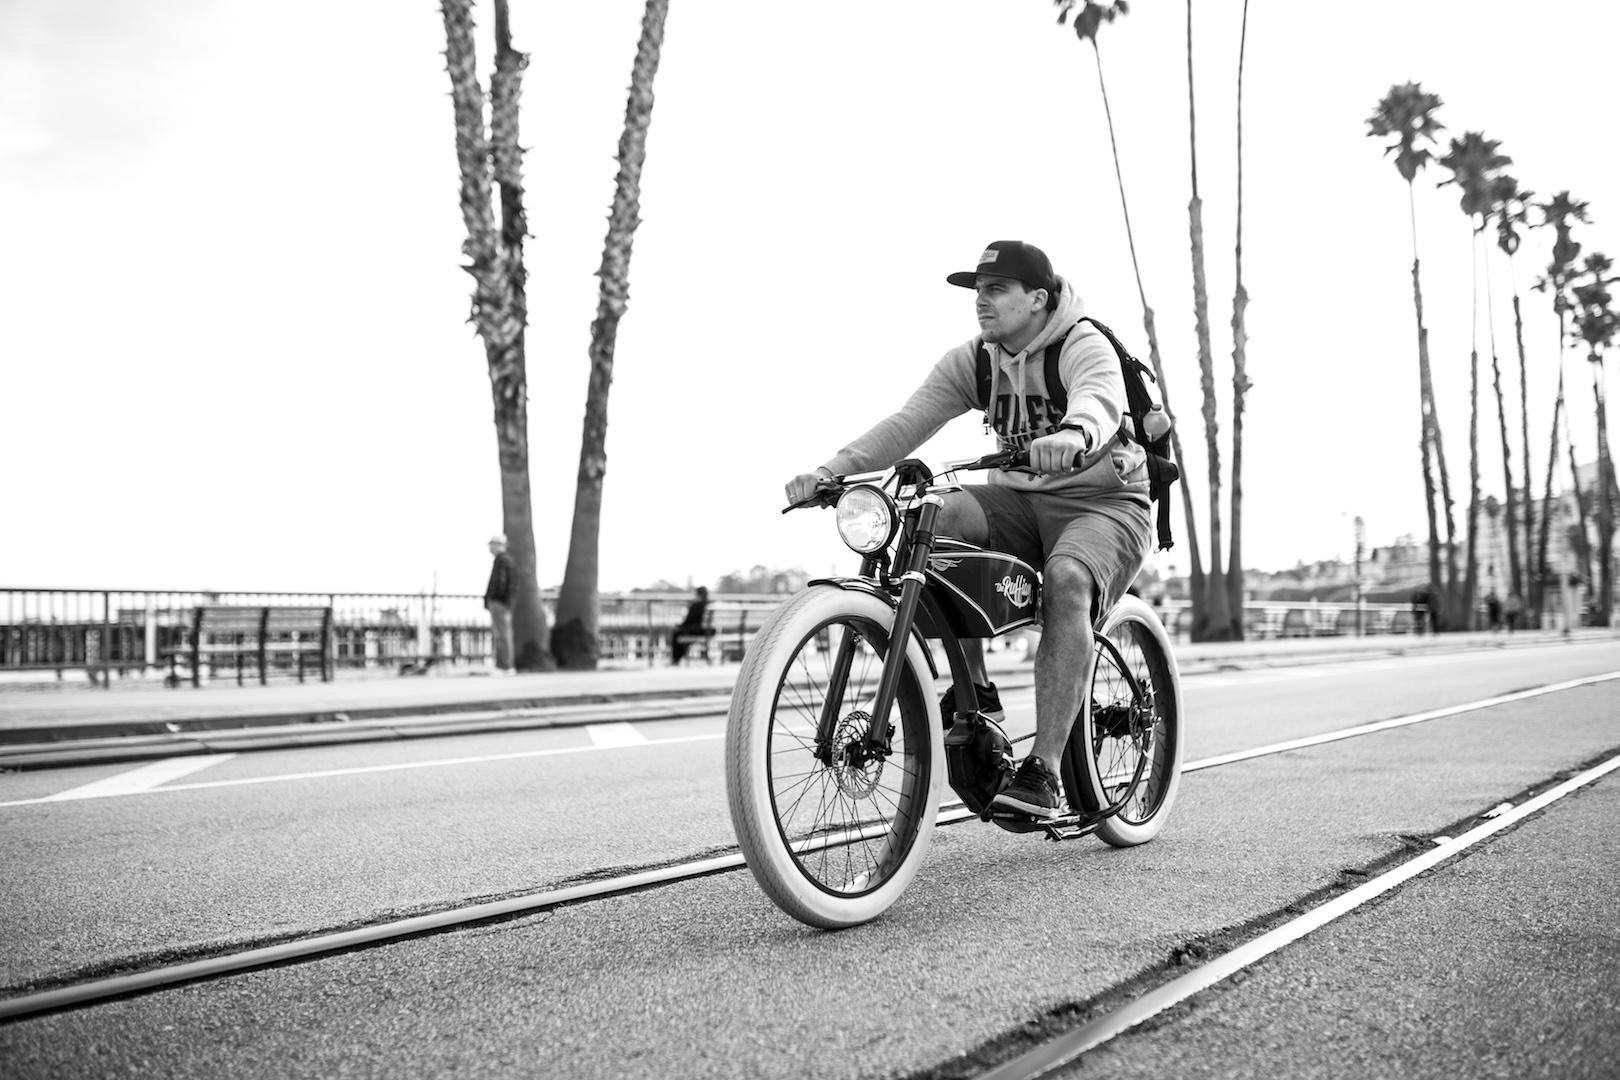 Ruff Cycles The Ruffian